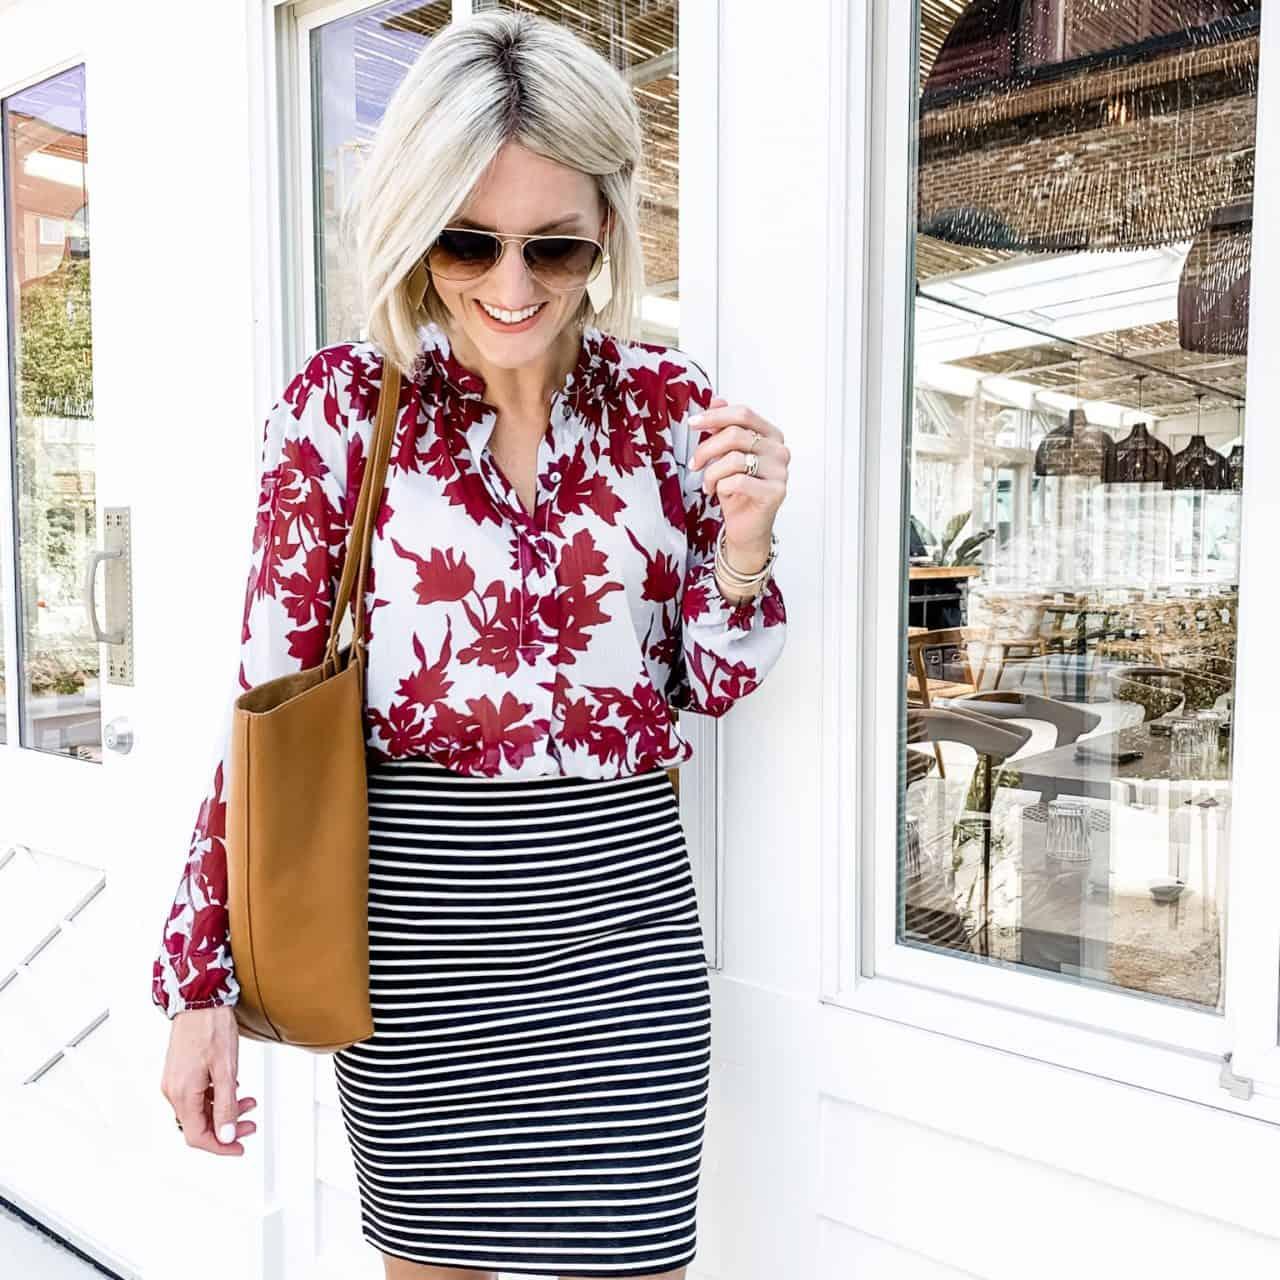 Wear to Work – Stripes & Florals